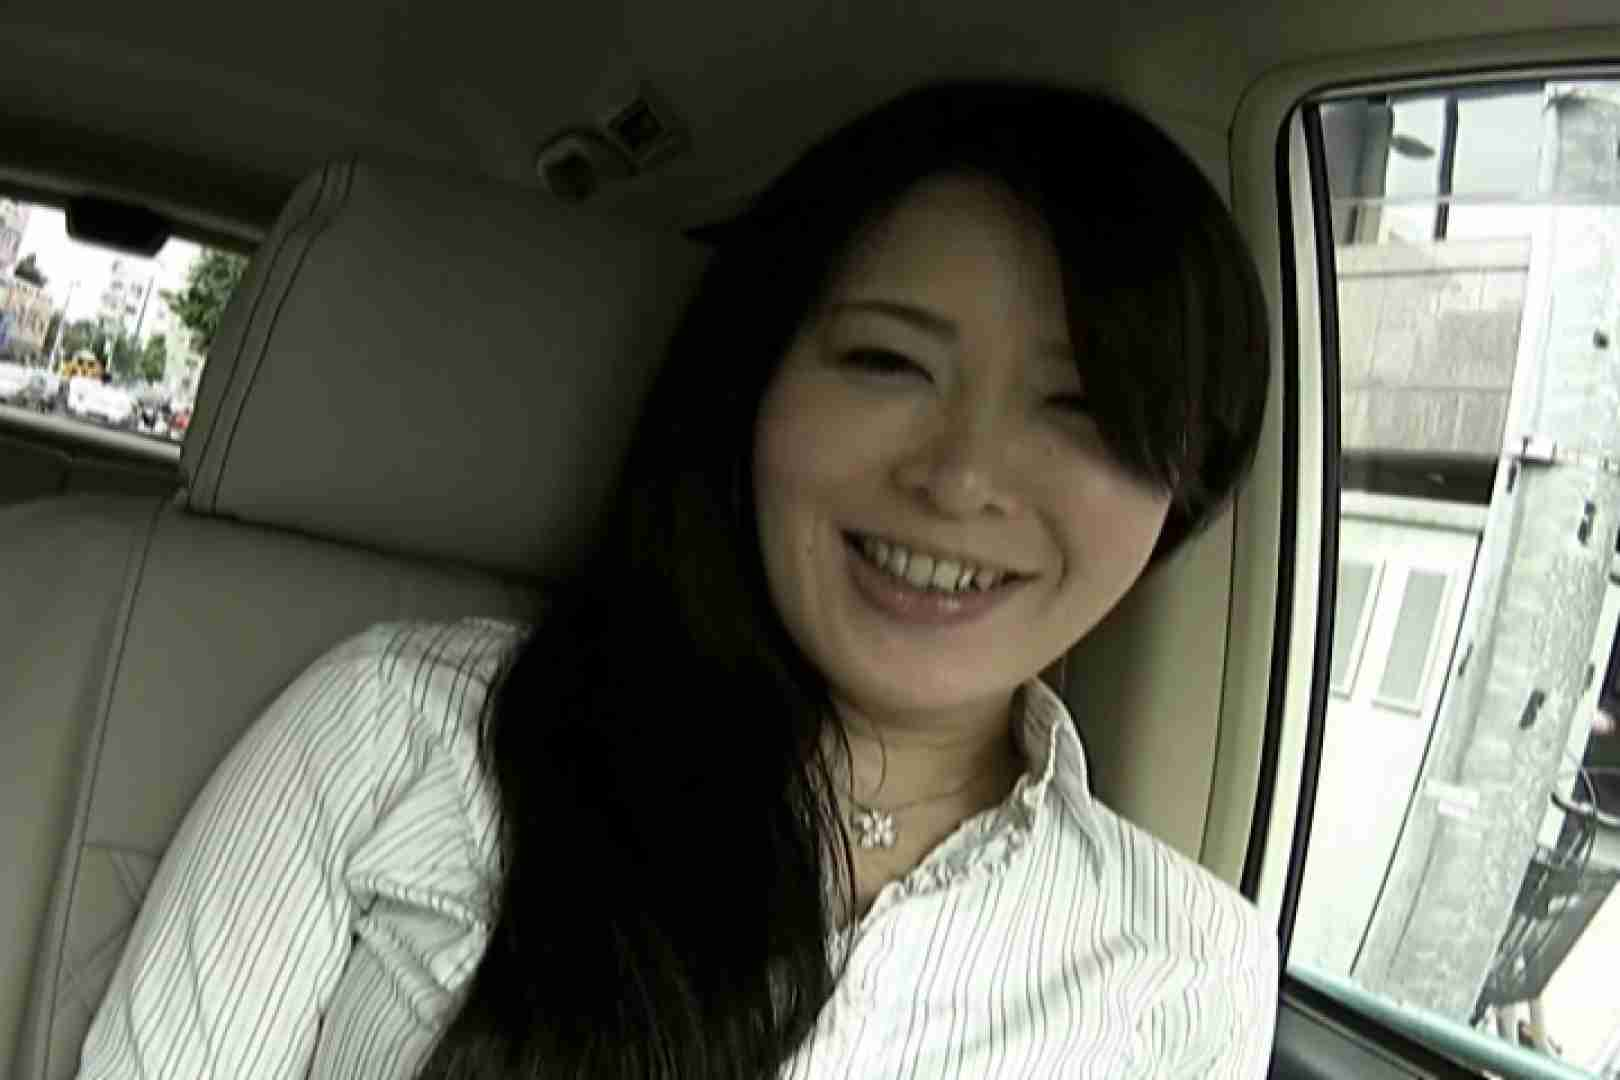 素人ナンパ本番撮り!出会い系でGET!Vol.12 オナニー 濡れ場動画紹介 91pic 10